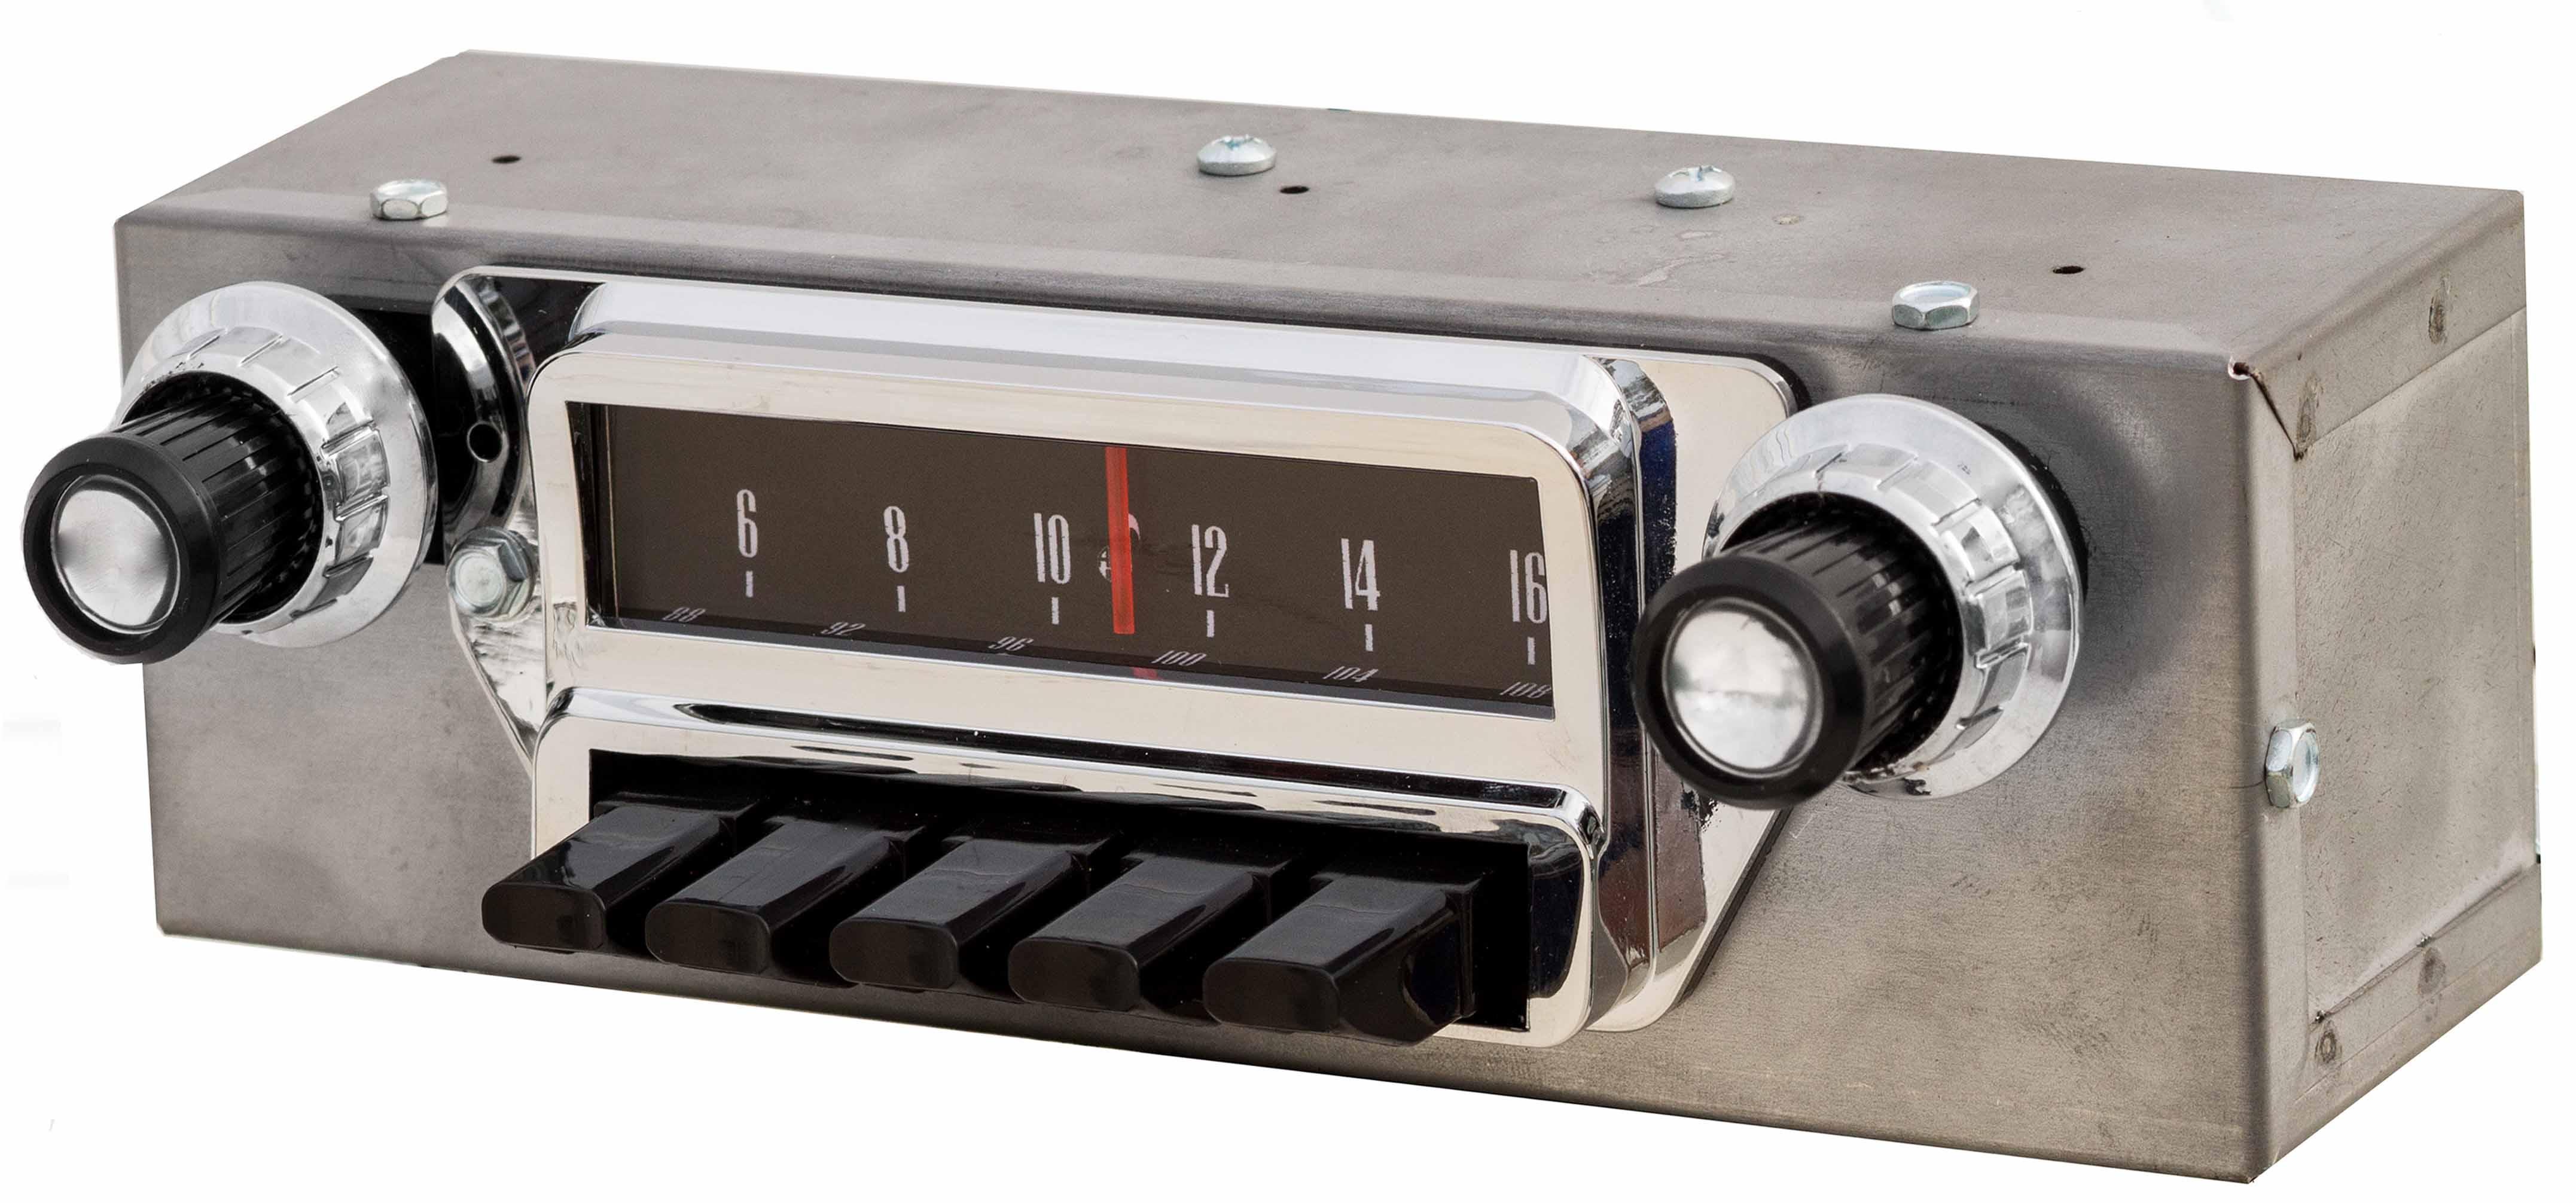 1964 FALCON RANCHERO AM/FM/Stereo radio